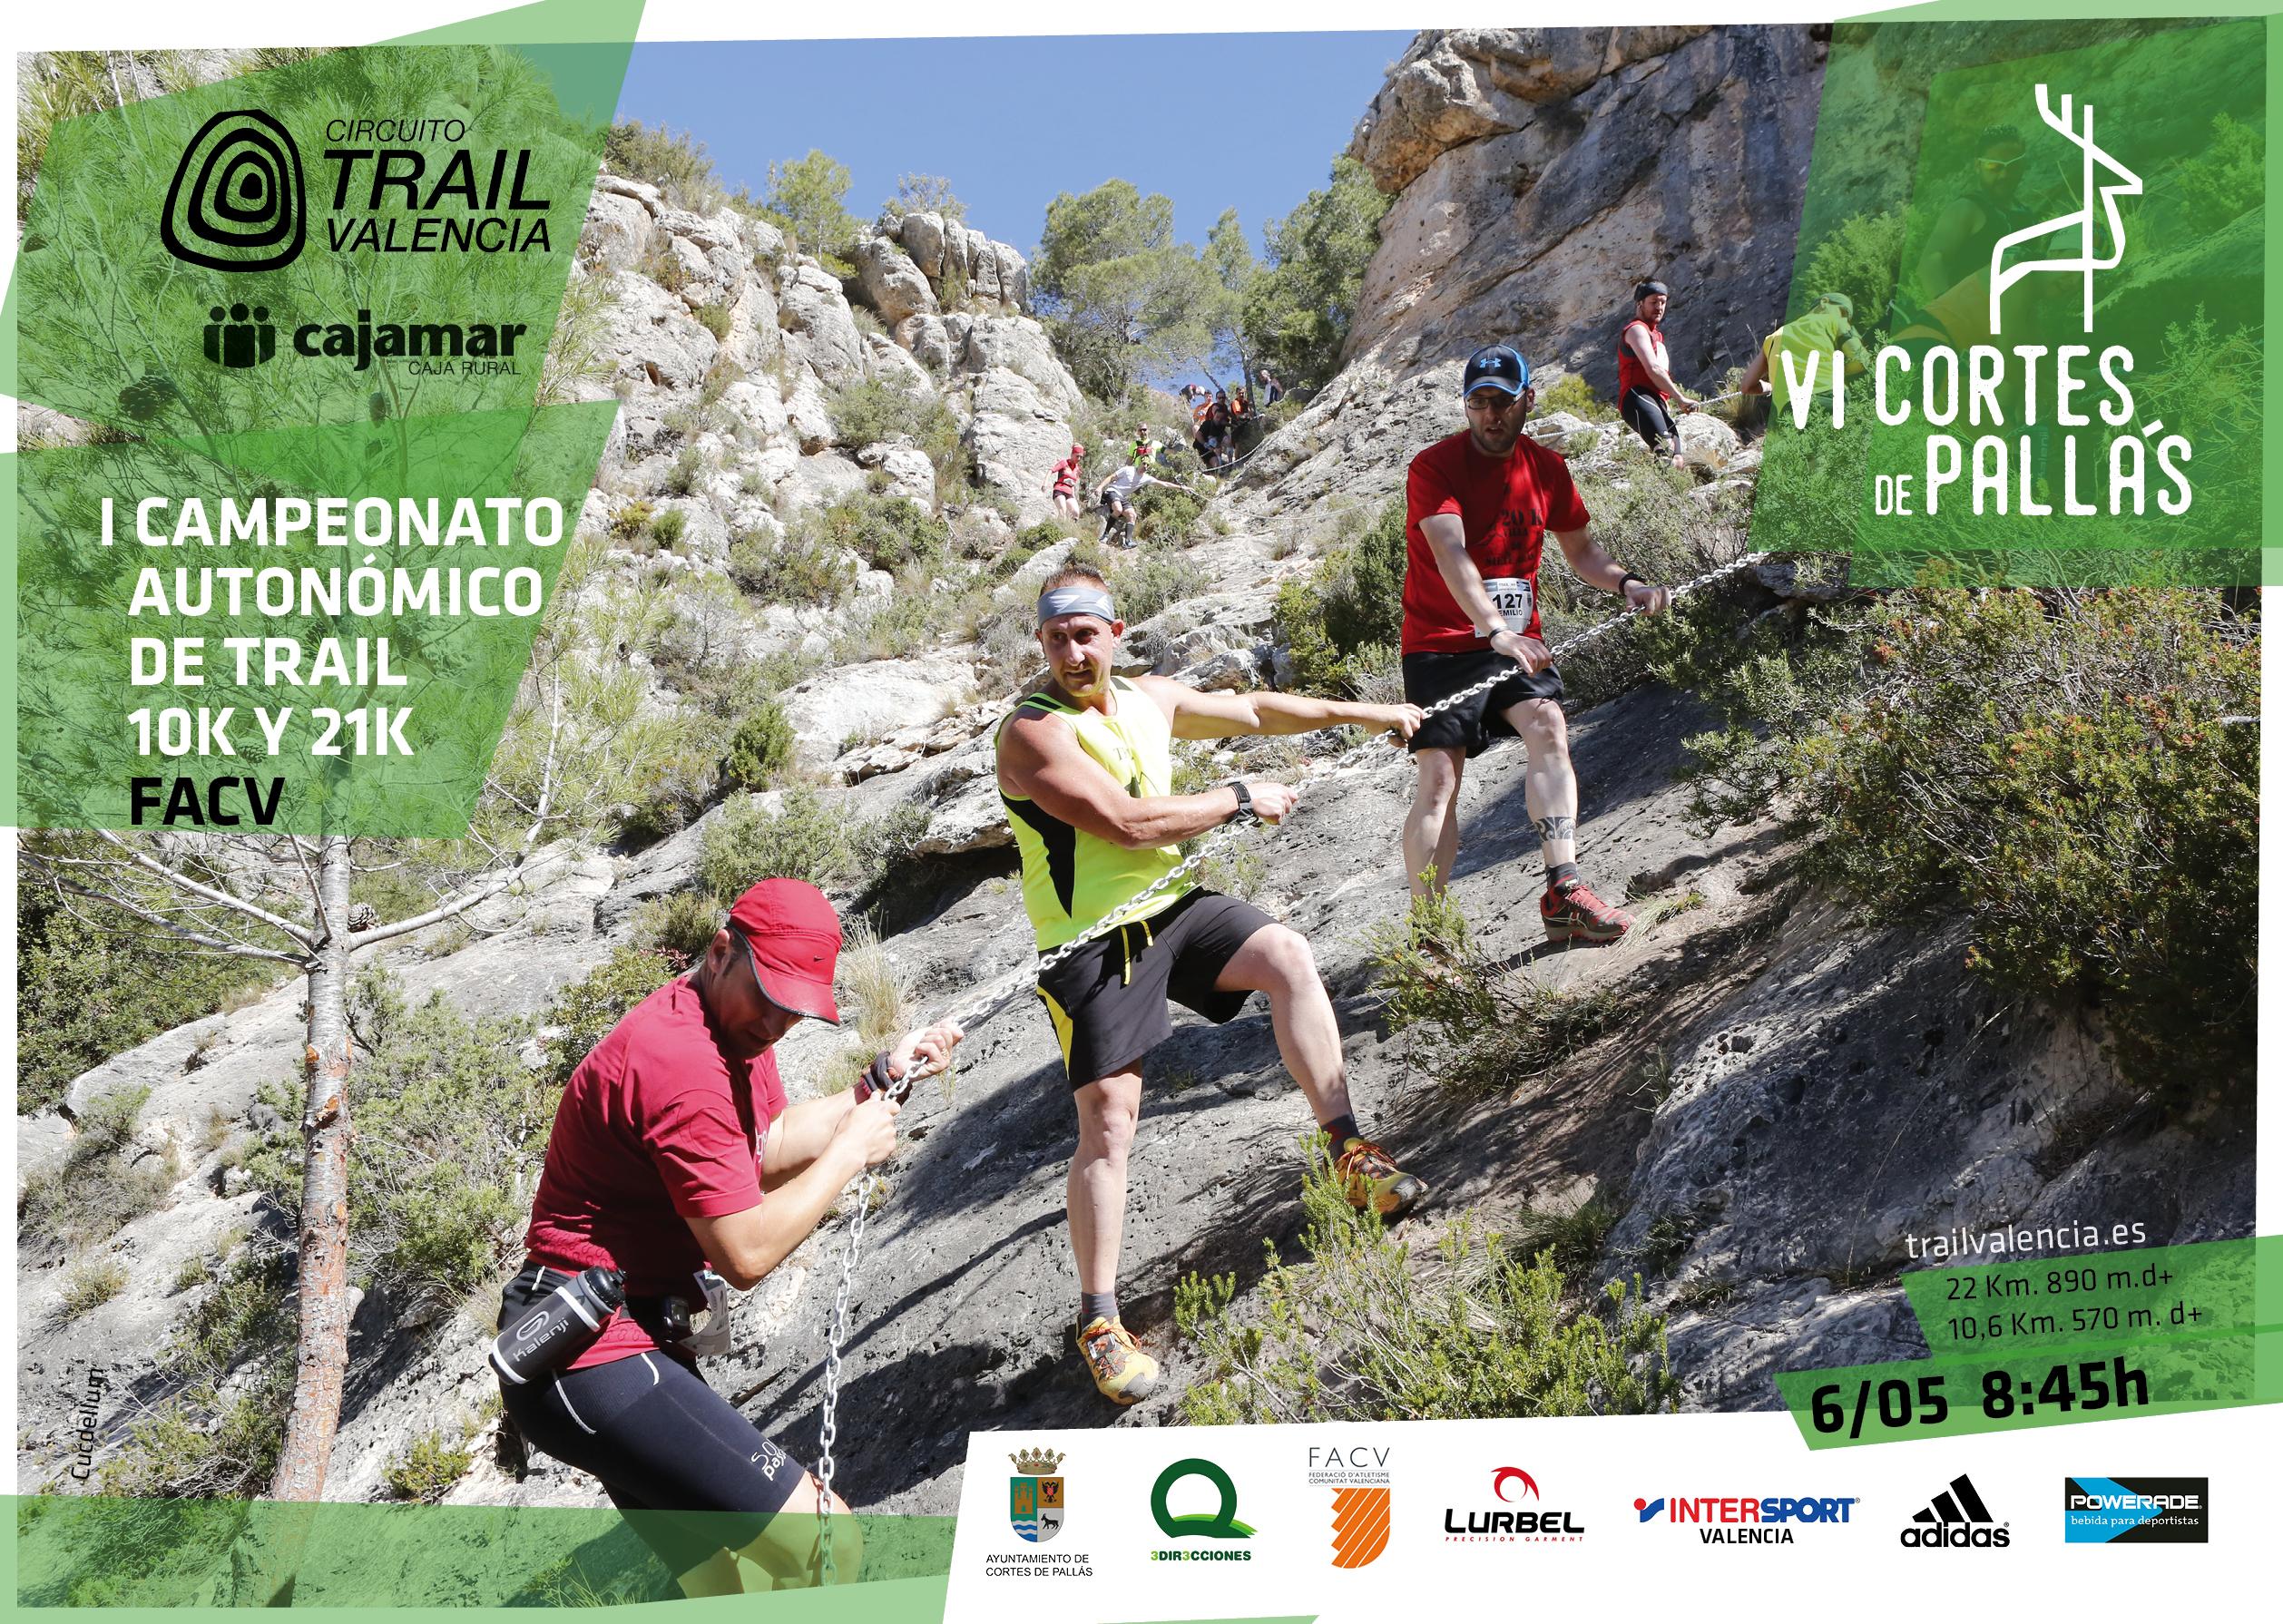 El Trail de Cortes de Pallás será Campeonato Autonómico de 21K y 10K.